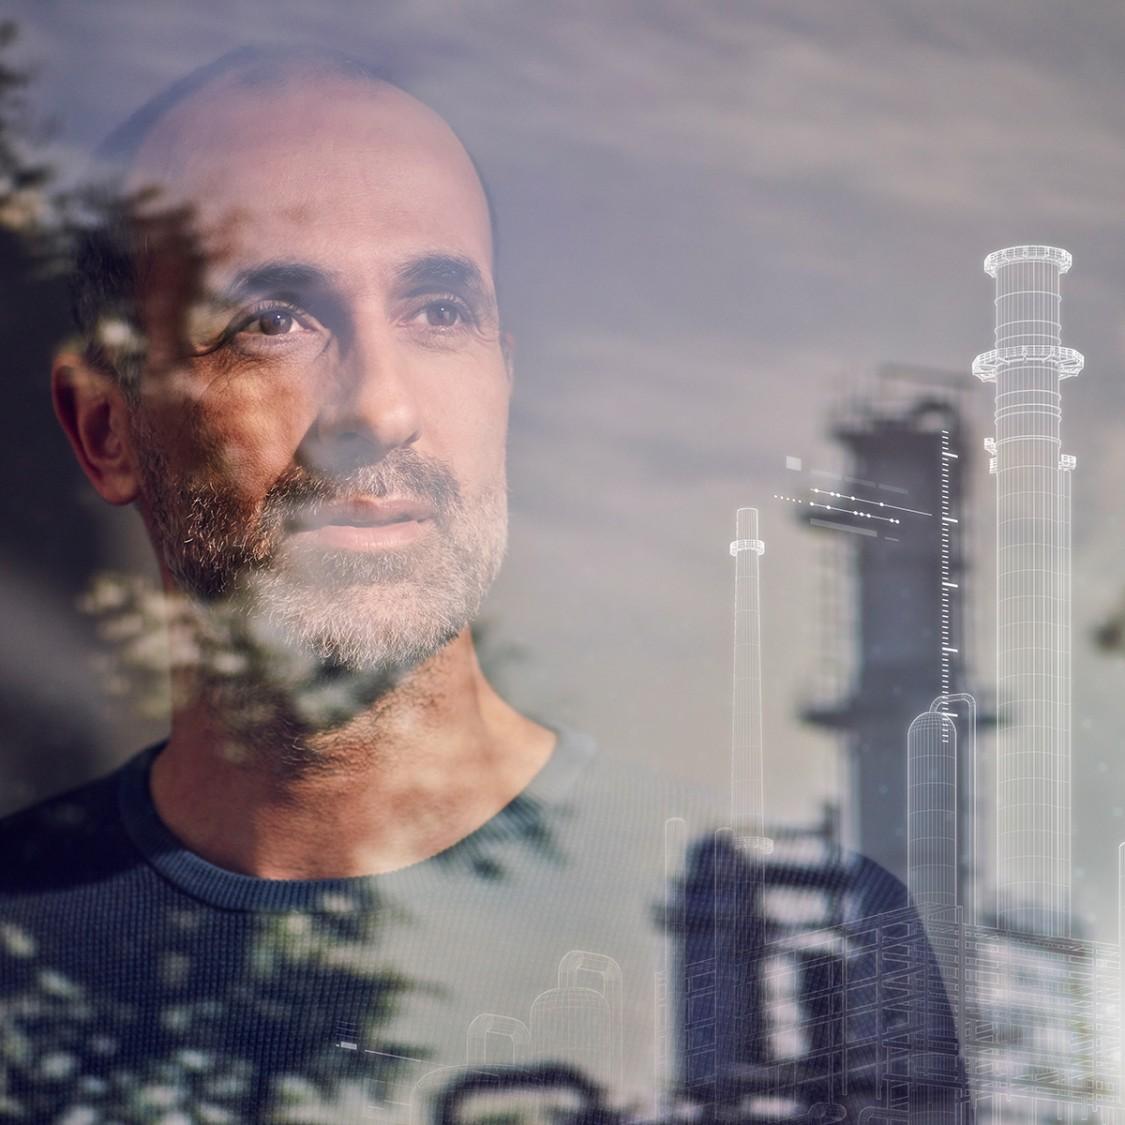 Få nya insikter med PlantSight– en komplett digital tvilling för processindustrin